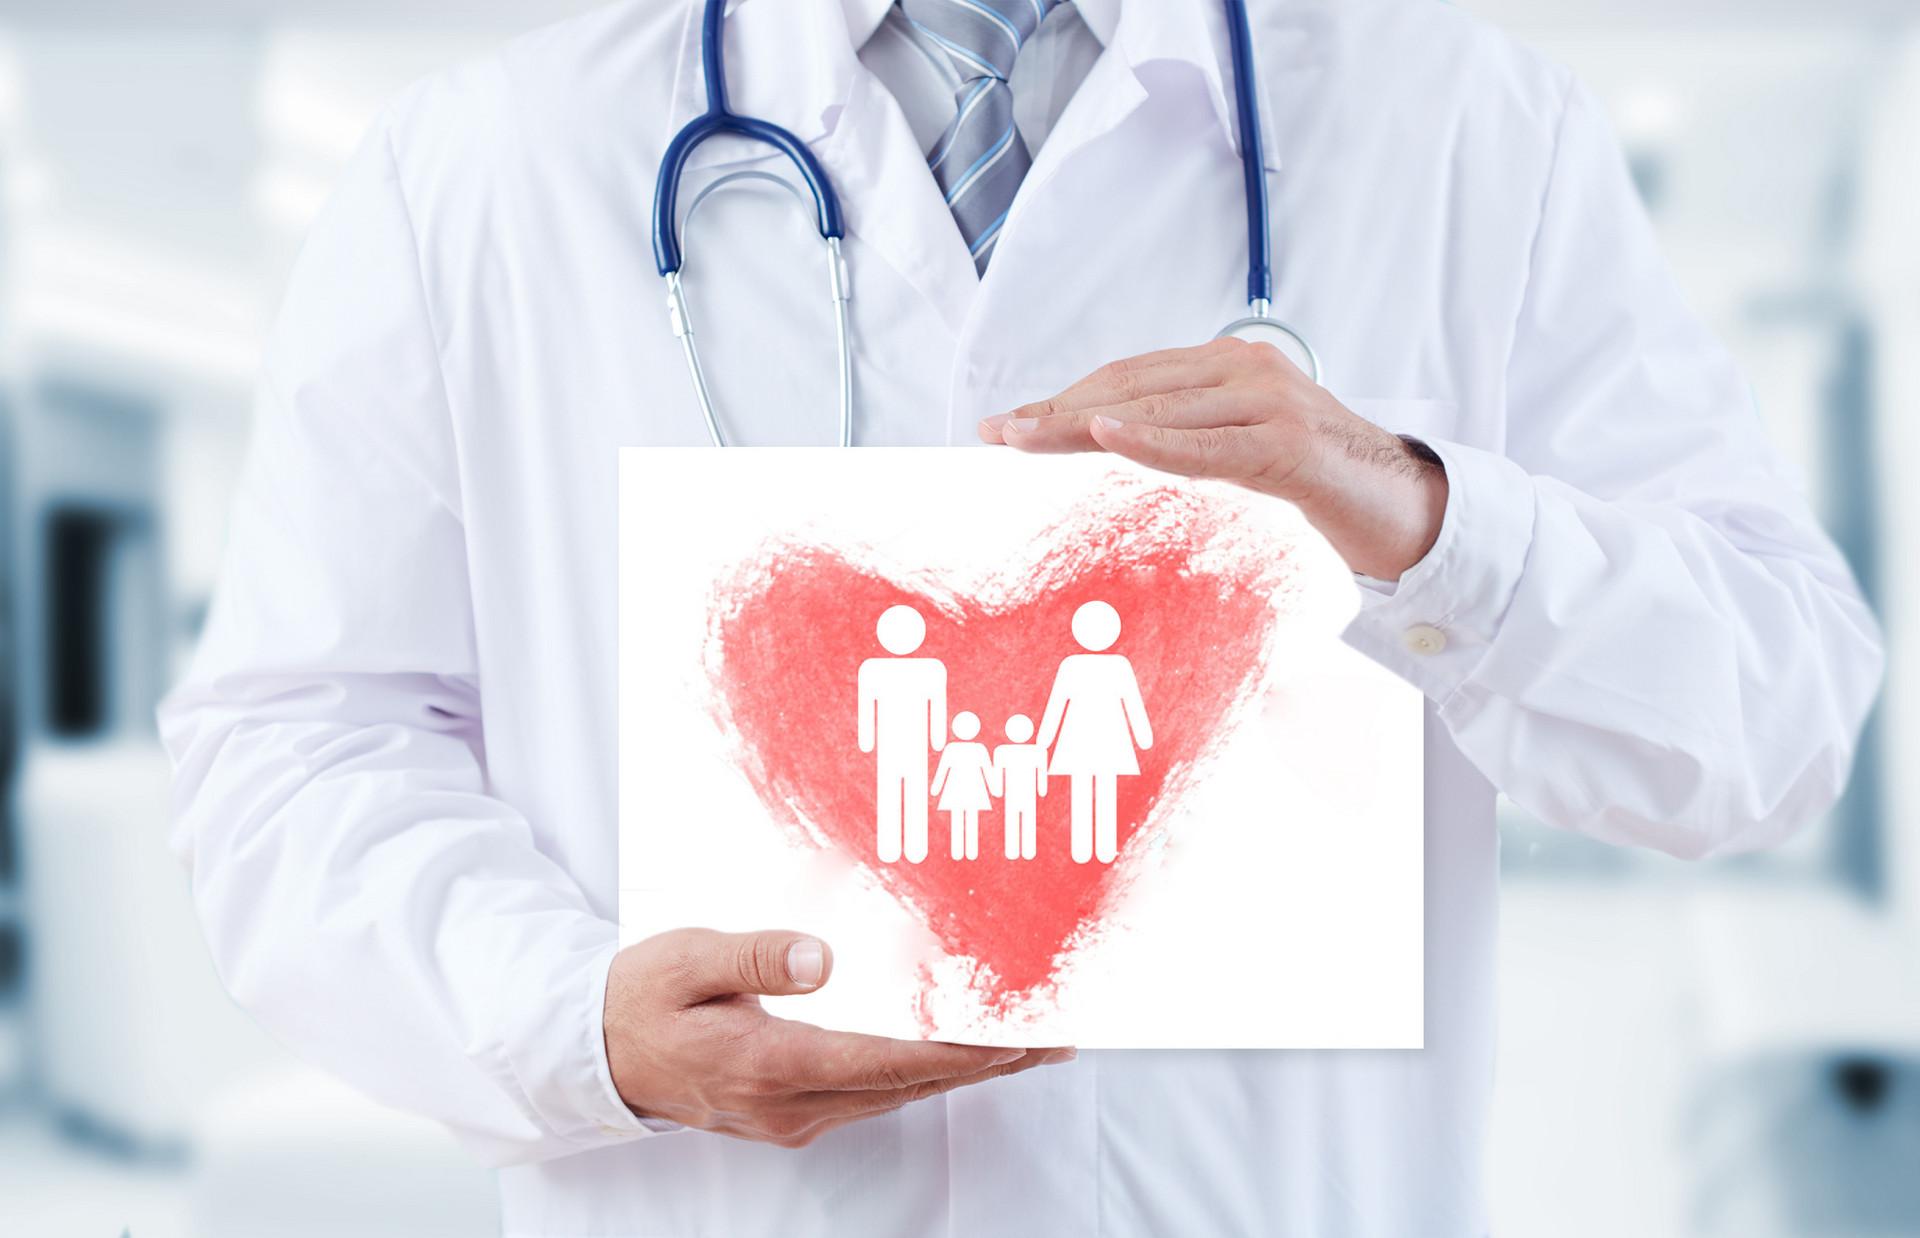 想买终生疾病保险,重疾险哪种比较好